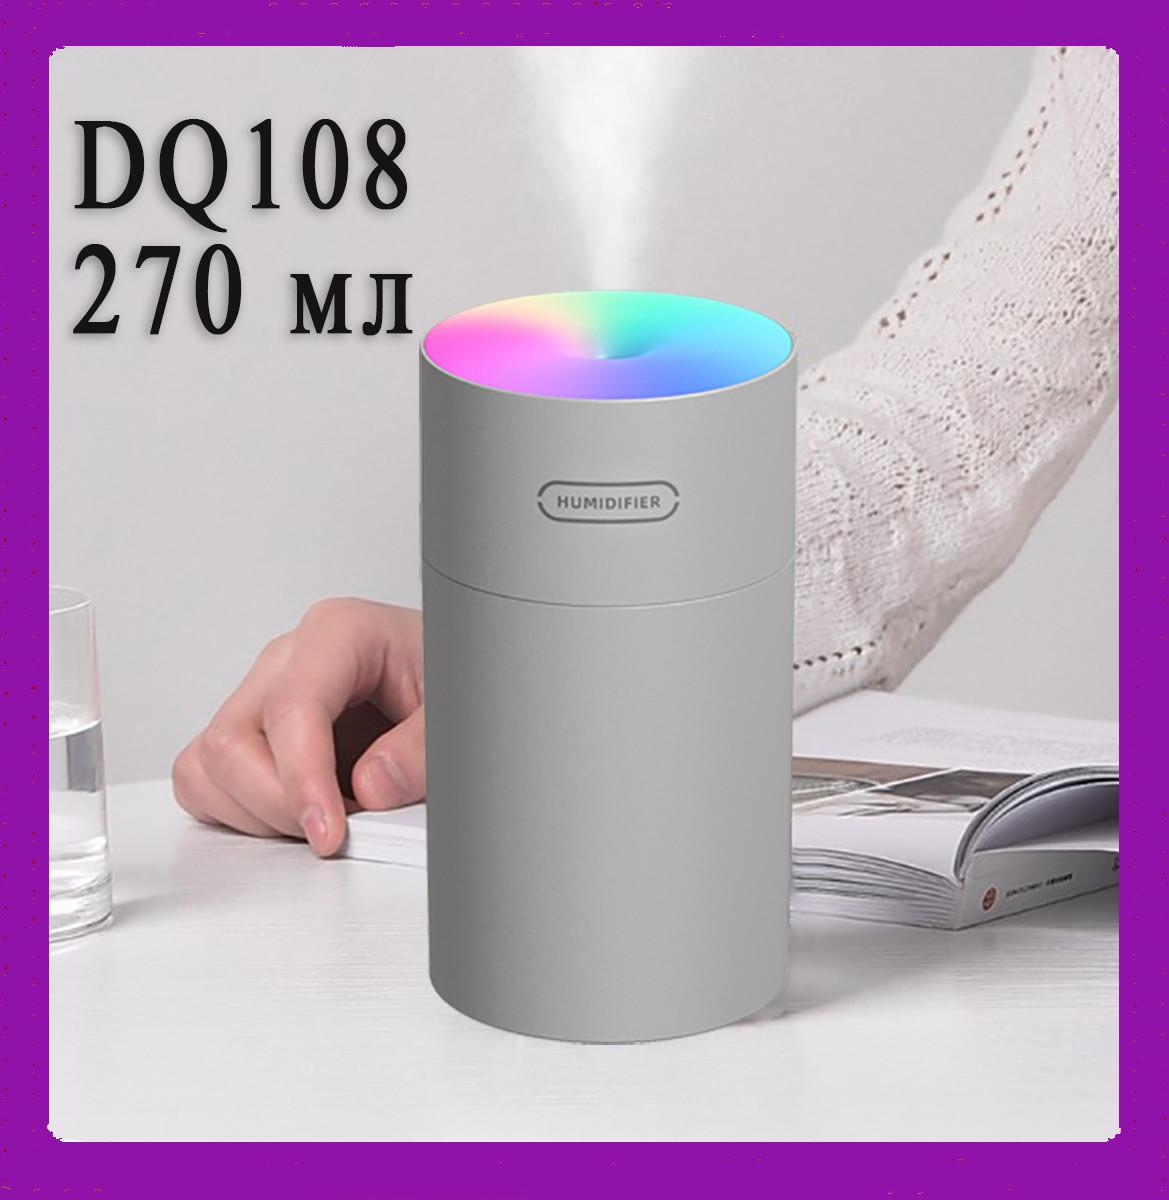 Зволожувач повітря міні Adna Humidifier DQ107 дифузор компактний,мийка повітря з підсвічуванням веселкою. Сірий